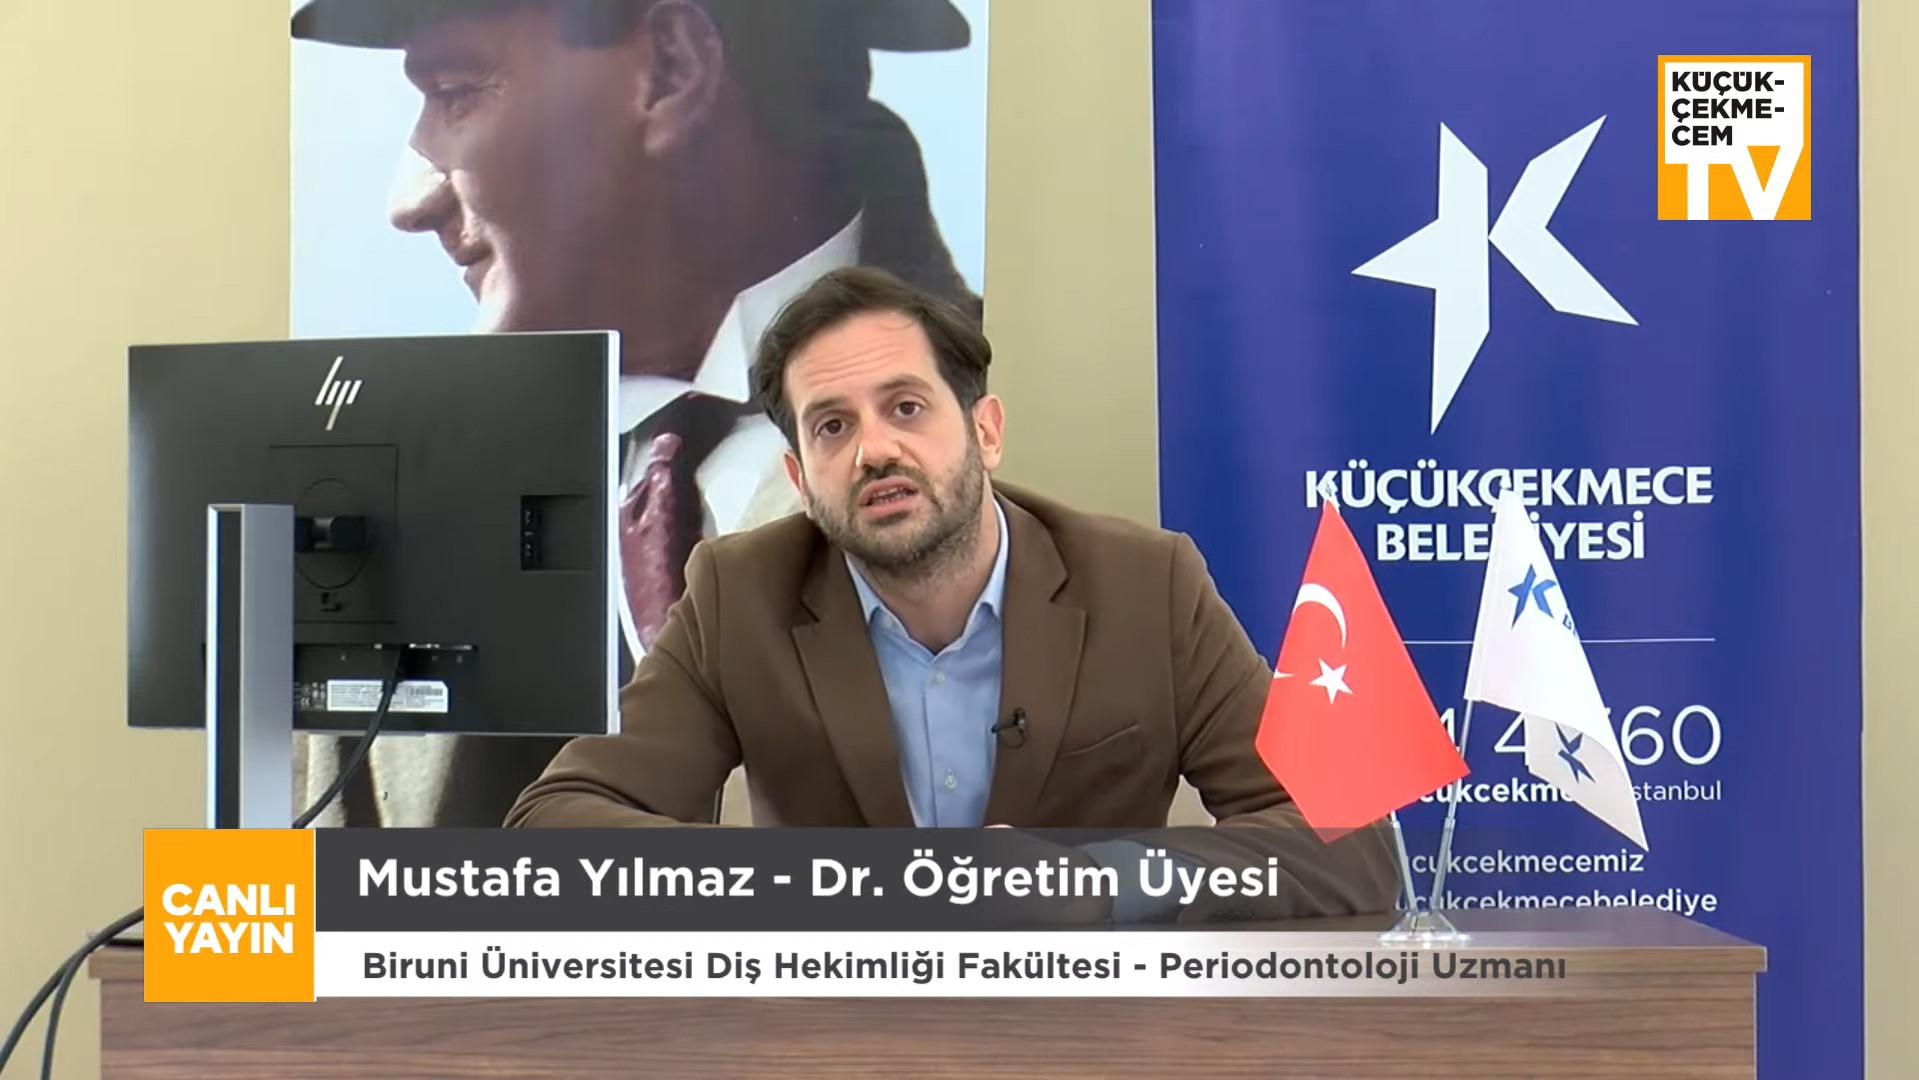 UZMAN DR. MUSTAFA YILMAZ, PANDEMİ SÜRECİNDE AĞIZ VE DİŞ BAKIMINI ANLATTI